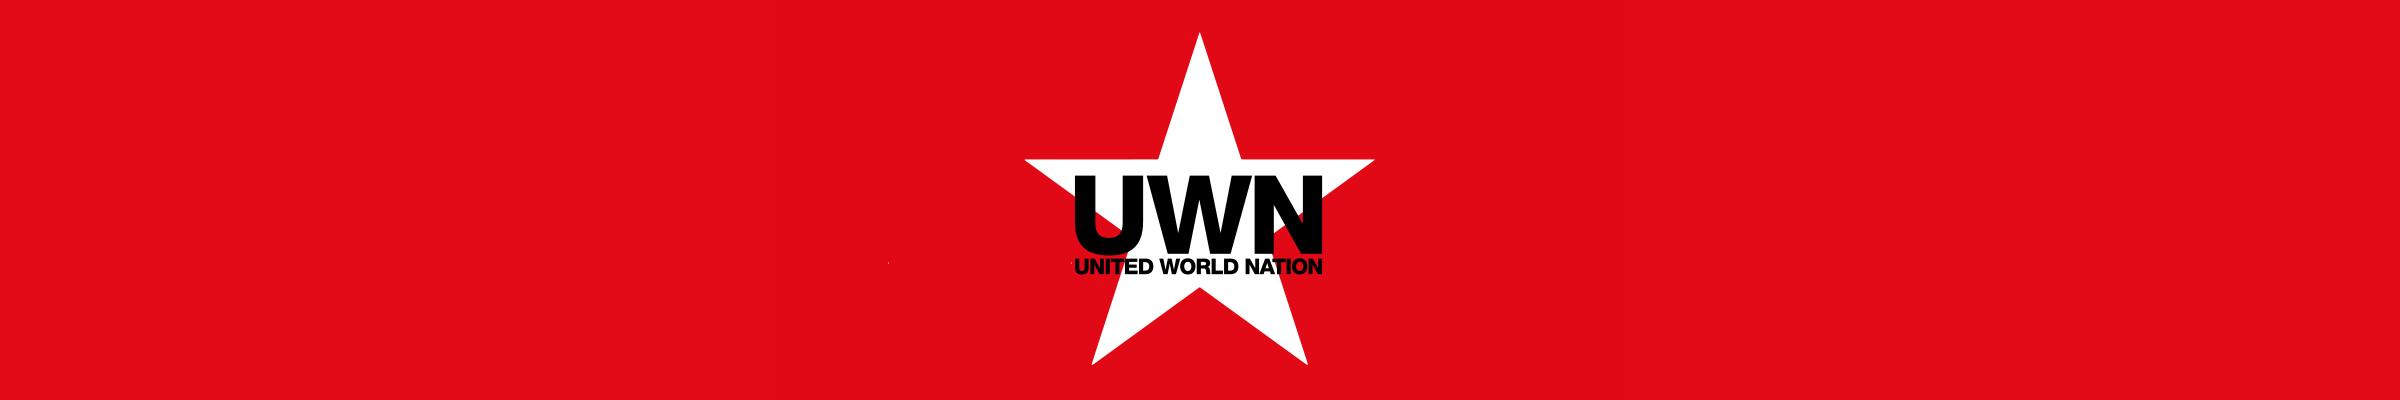 United World Nation